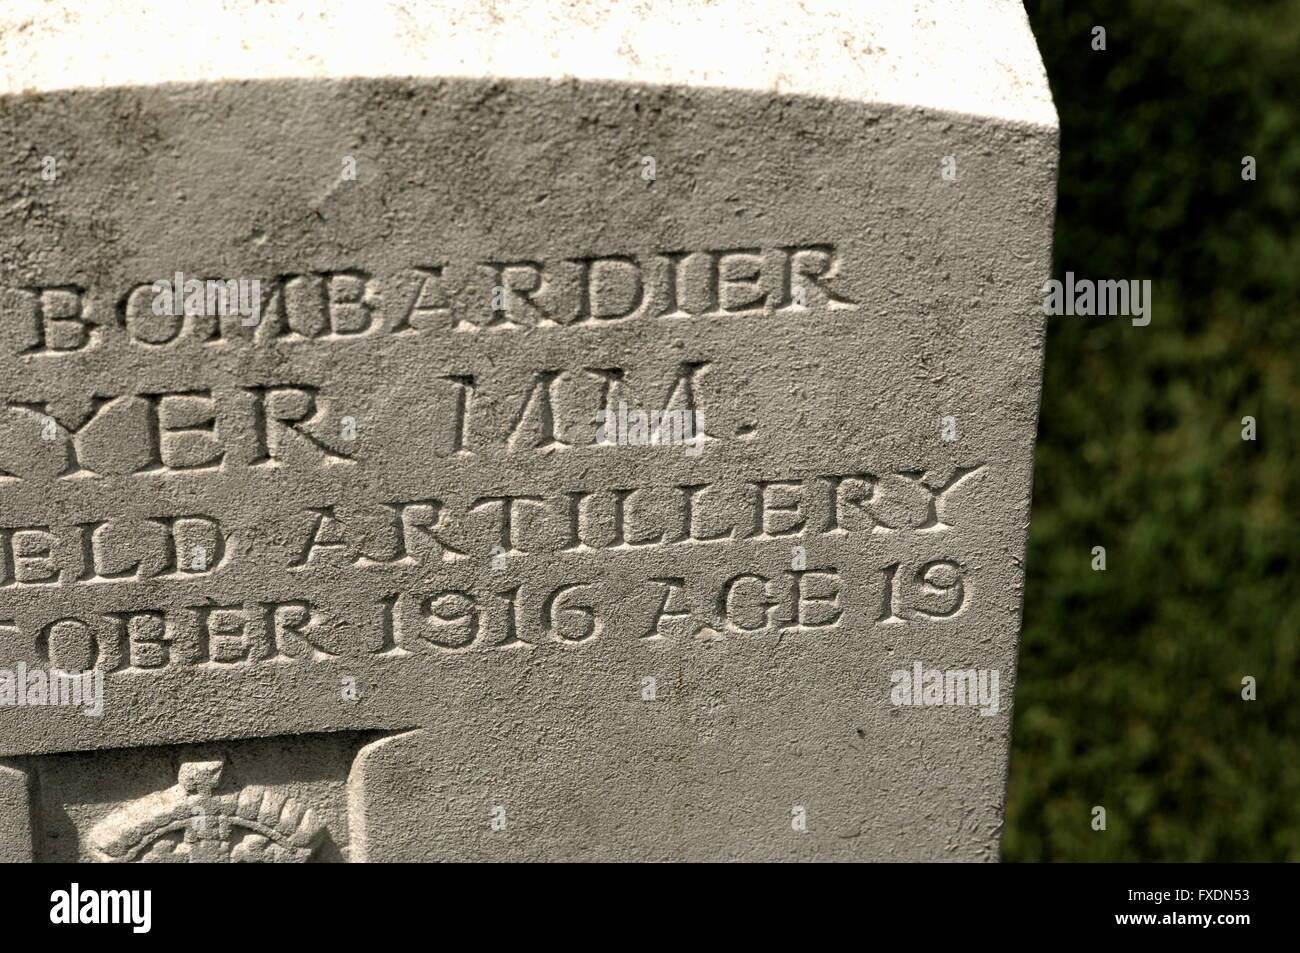 AJAXNETPHOTO. La Somme, FFRANCE. - Servicio mínimo Edad - la batalla del Somme, 1º de julio de 1916. Regístrese Imagen De Stock